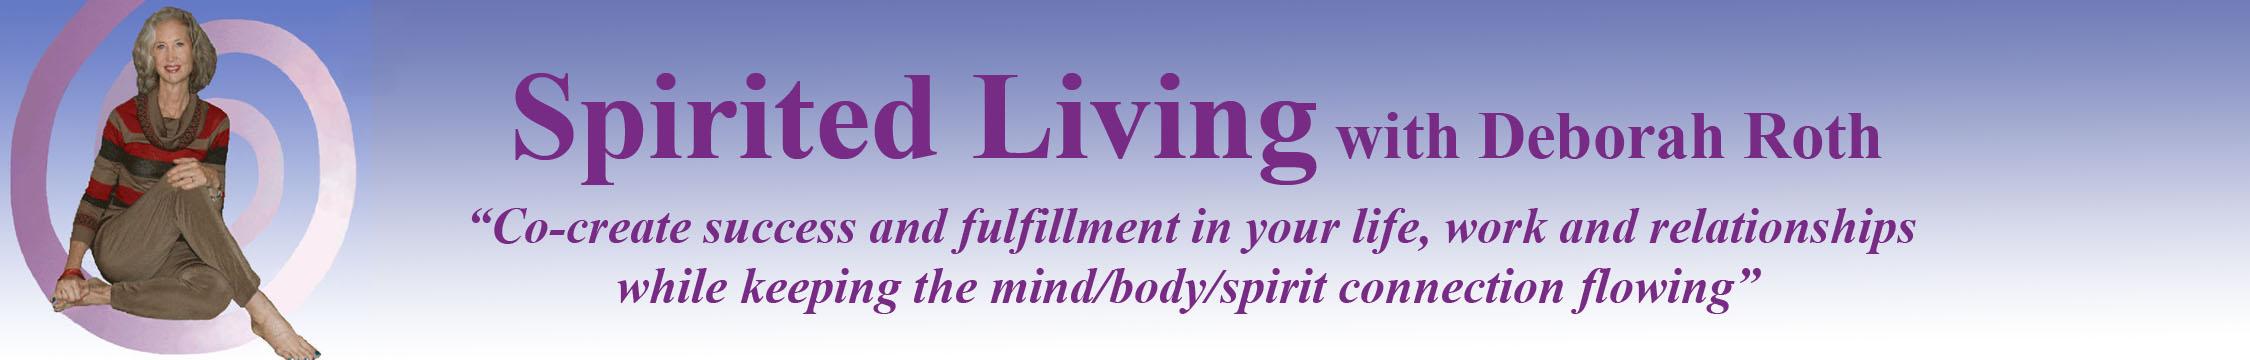 Spirited Living